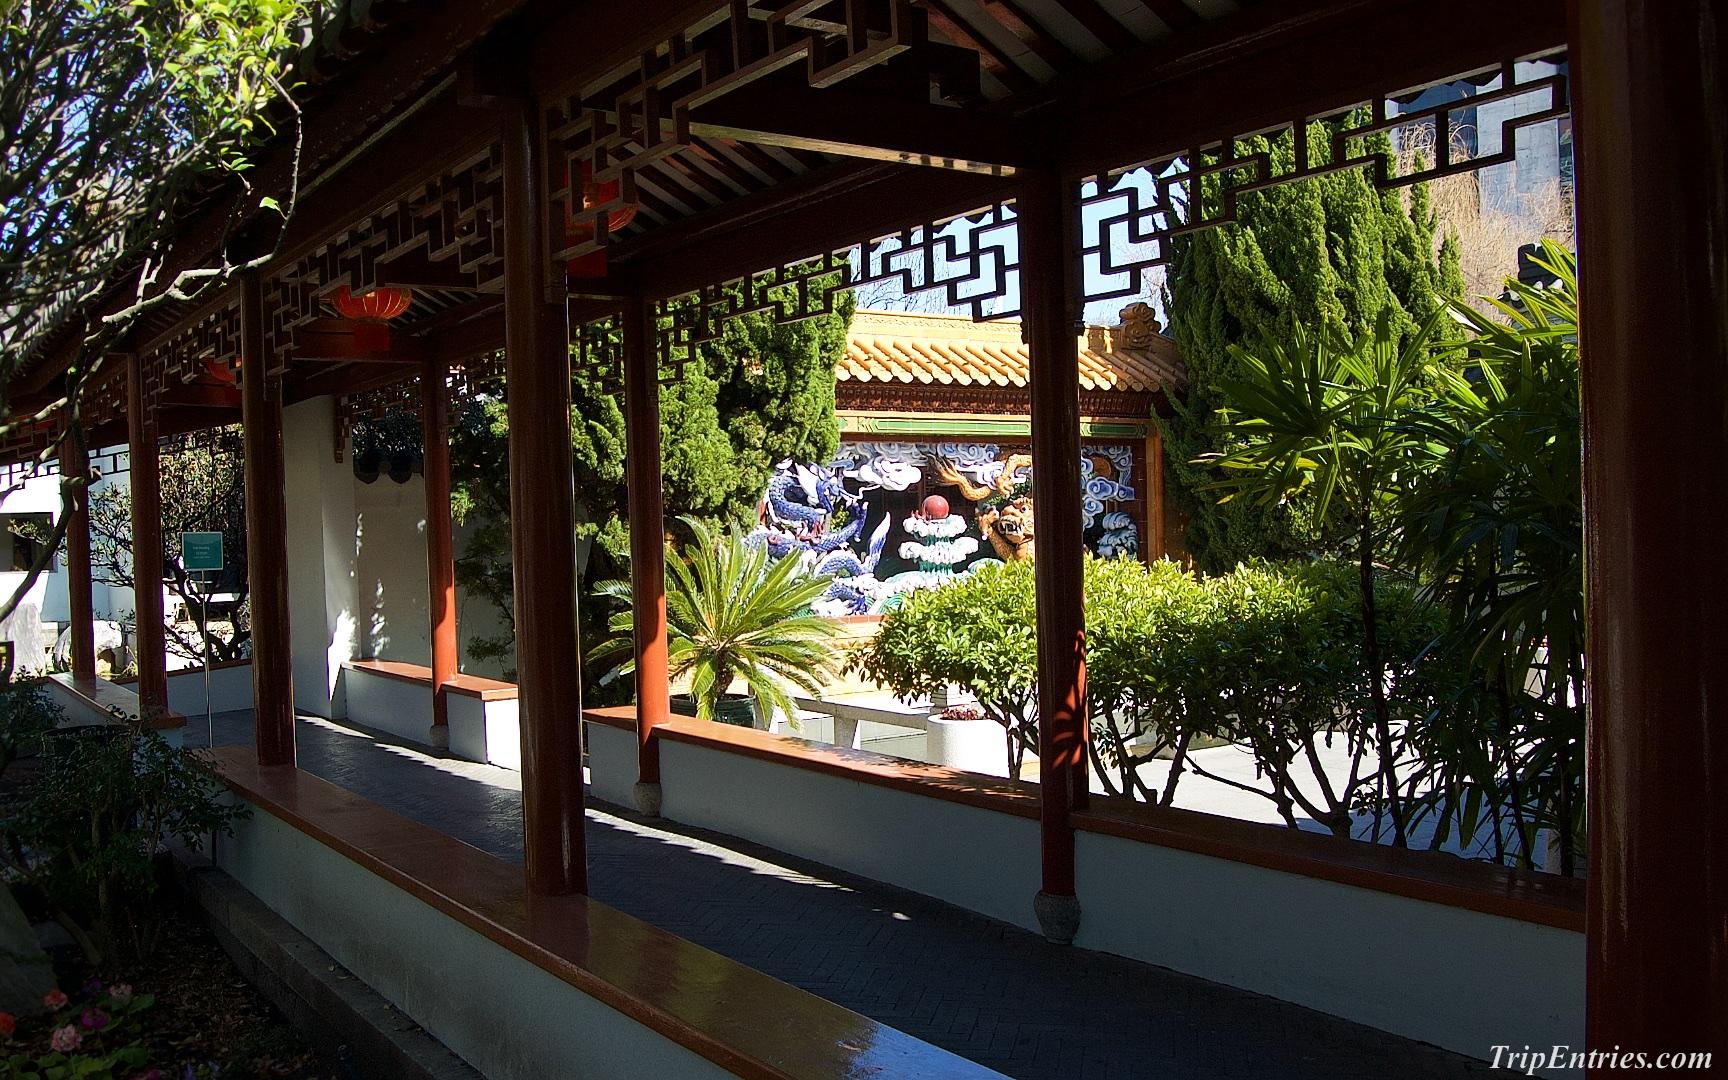 Китайский островок в центре Сиднея - Chinese Garden of friendship